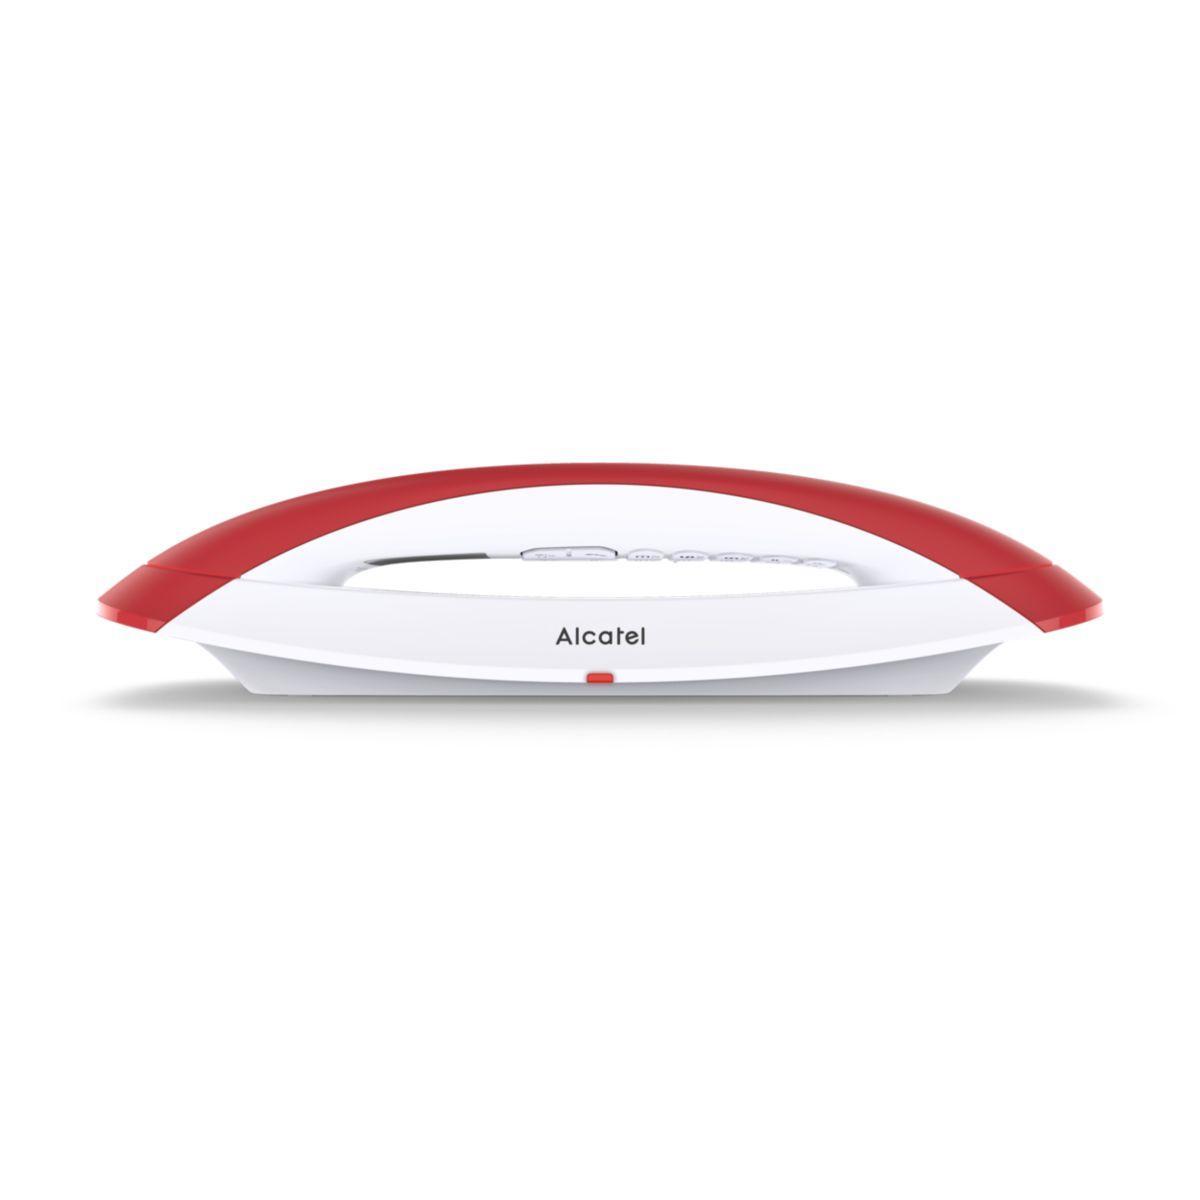 T�l�phone sans fil alcatel smile blanc/rouge - 2% de remise imm�diate avec le code : automne2 (photo)